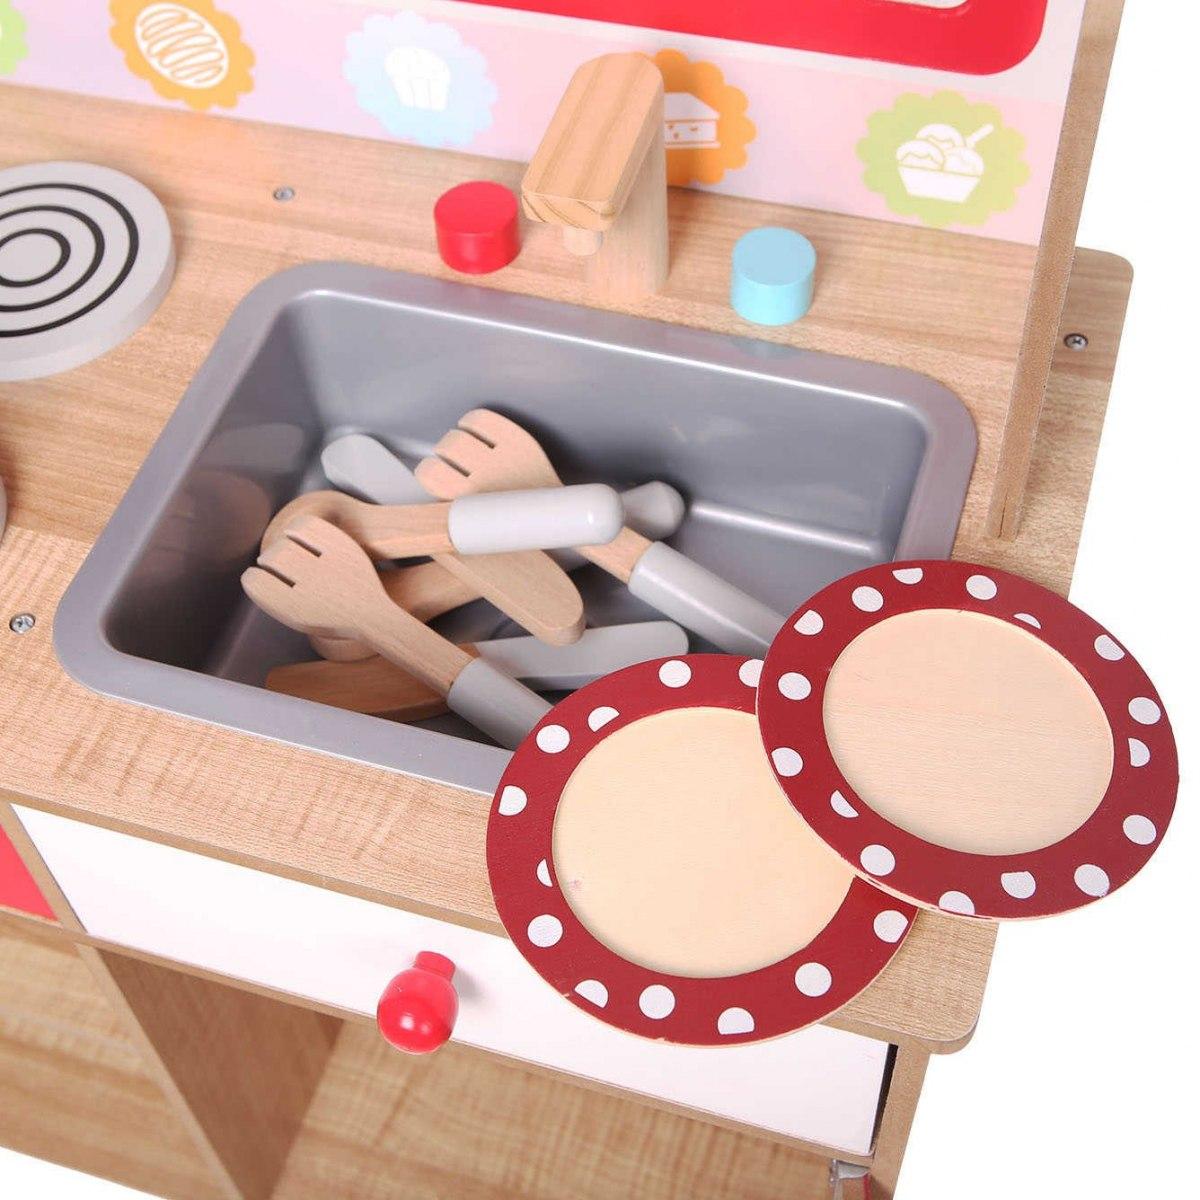 Ecotoys Kuchnia Drewniana Wyposazenie Dla Dzieci 7236891793